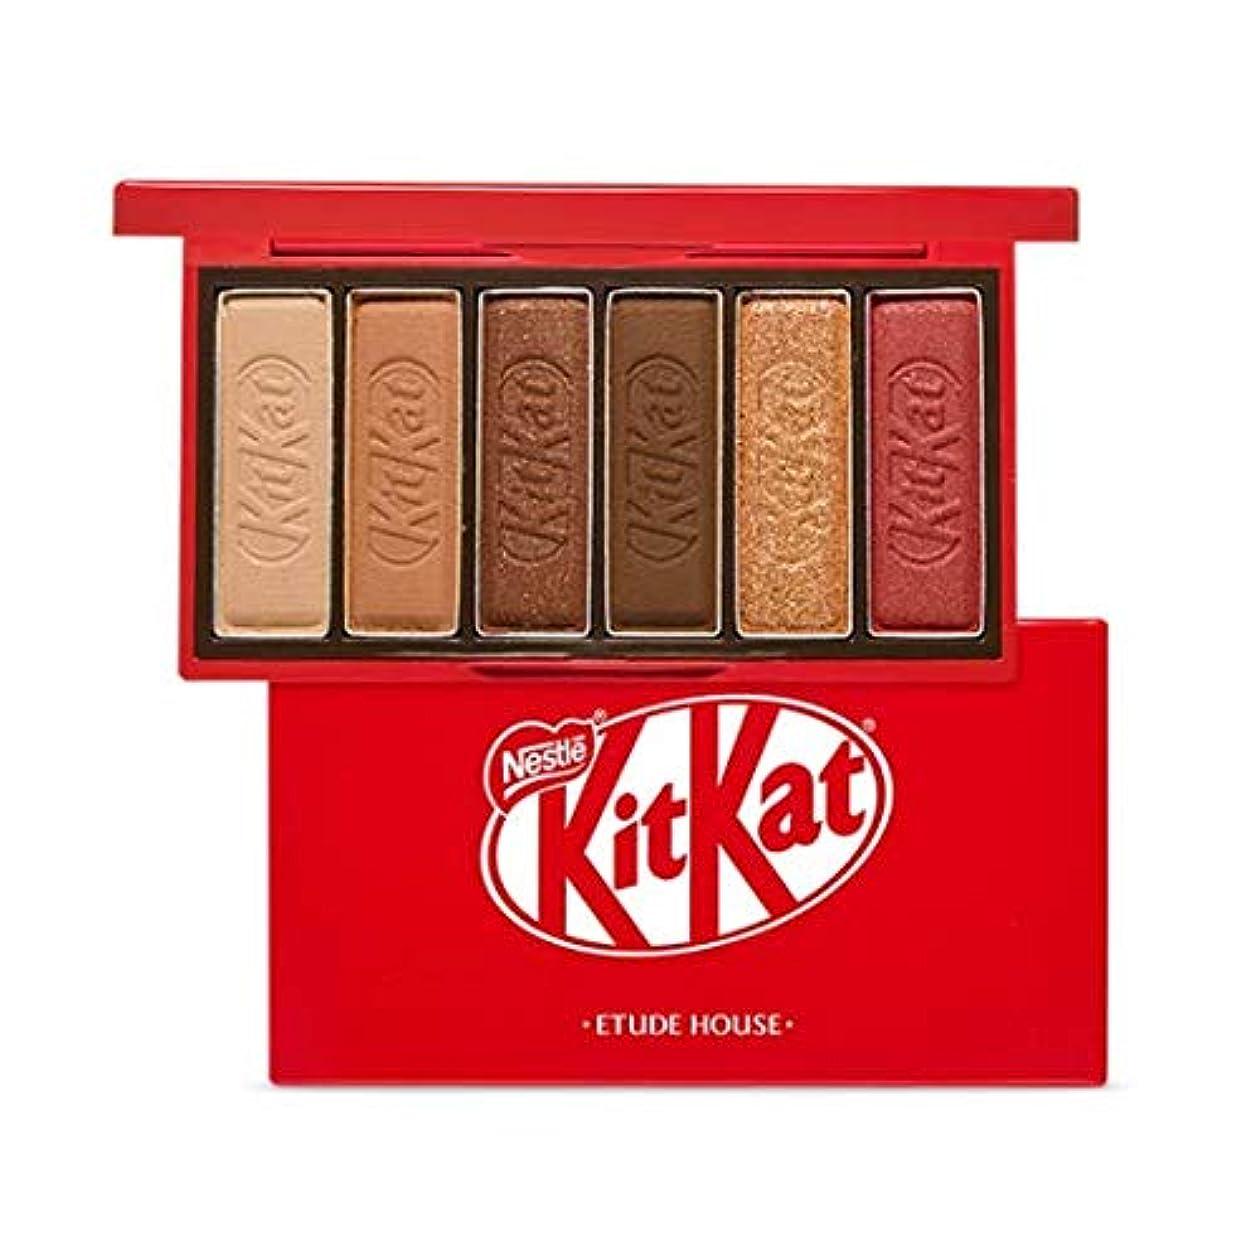 トレーニングスキッパー接辞エチュードハウス キットカット プレイカラー アイズ ミニ 1*6g / ETUDE HOUSE KitKat Play Color Eyes Mini #1 KitKat Original [並行輸入品]